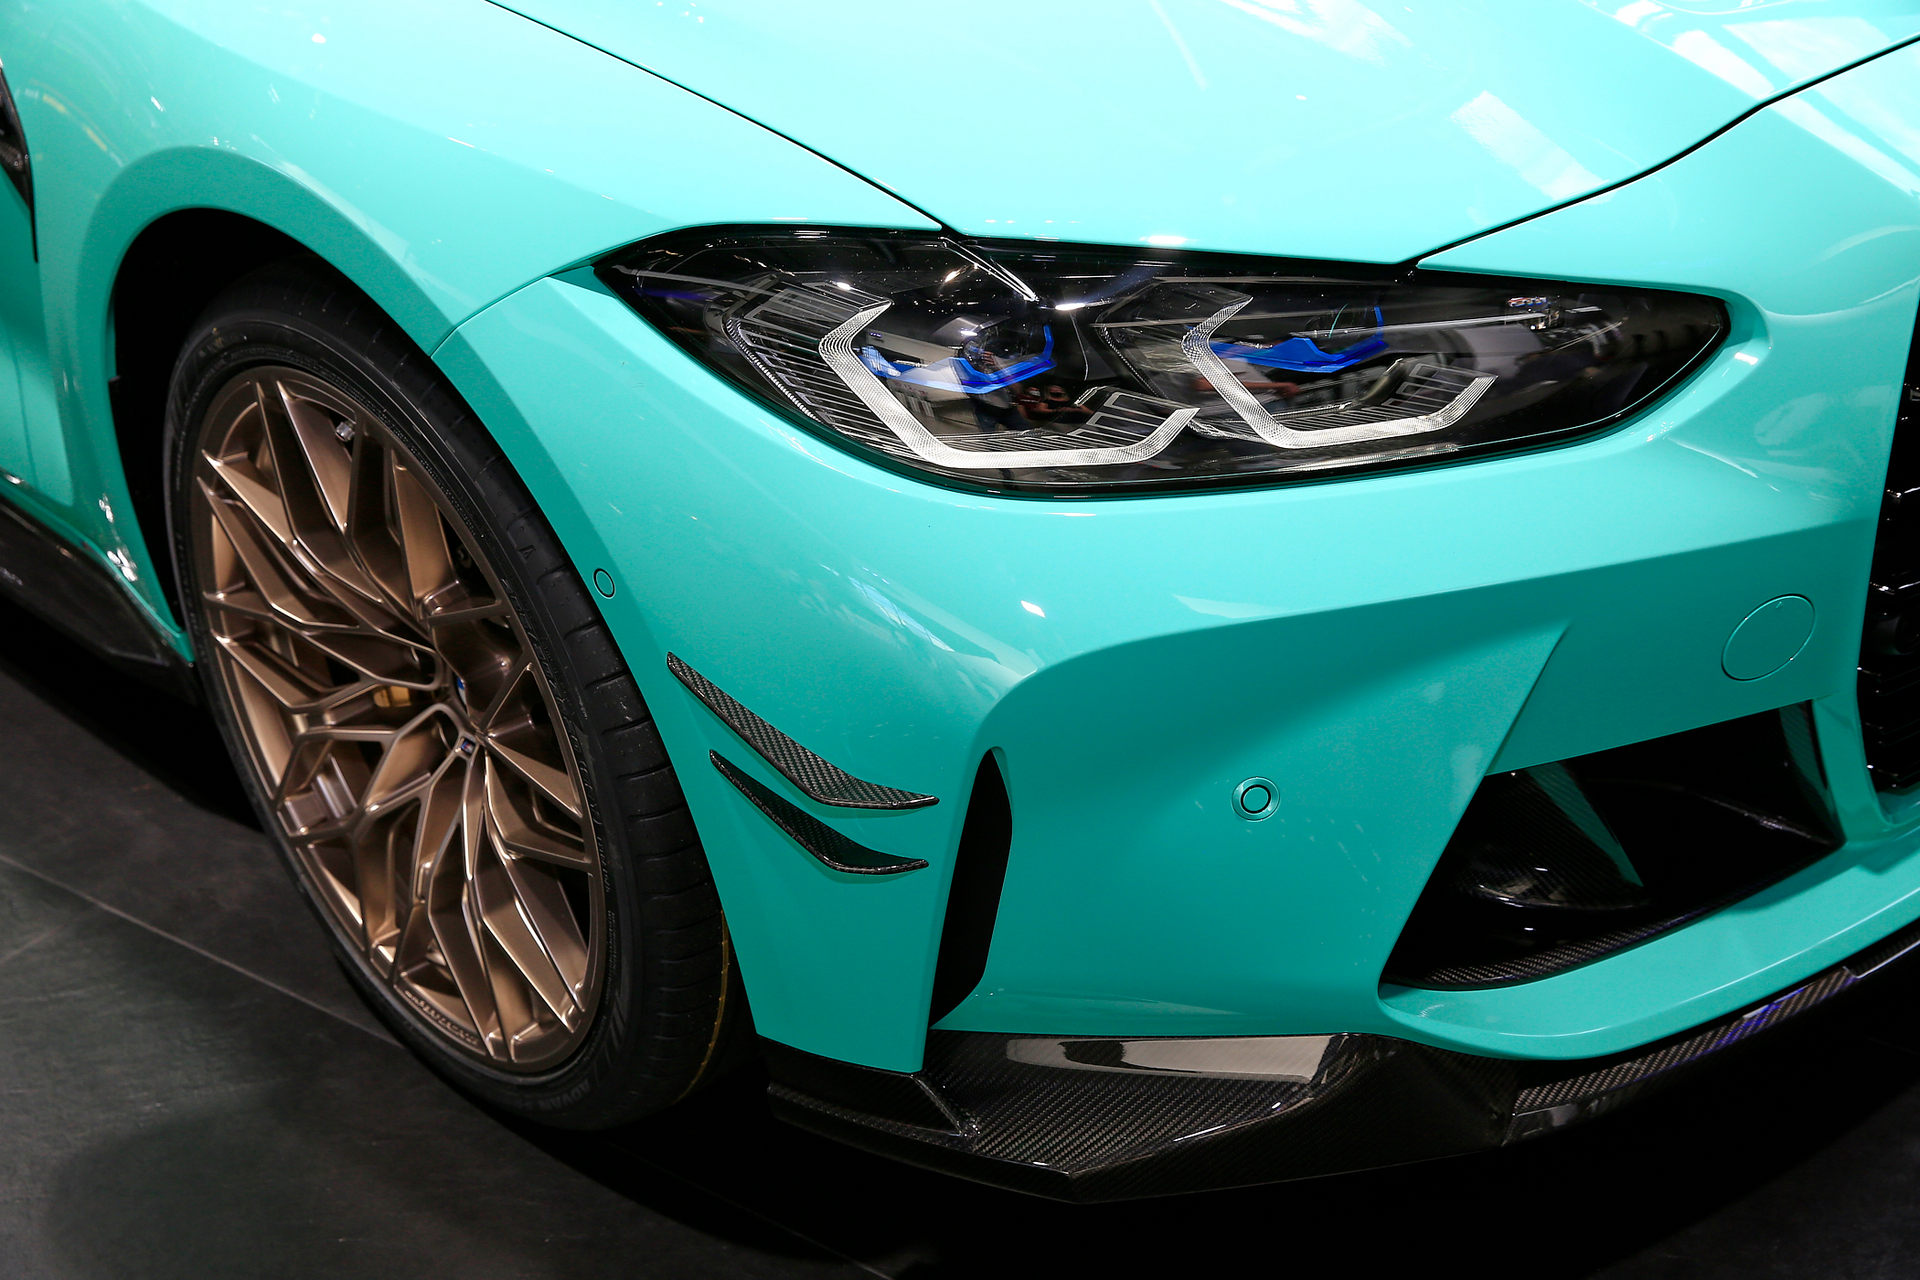 بي إم دبليو BMW M4 Competition الأضواء الأمامية